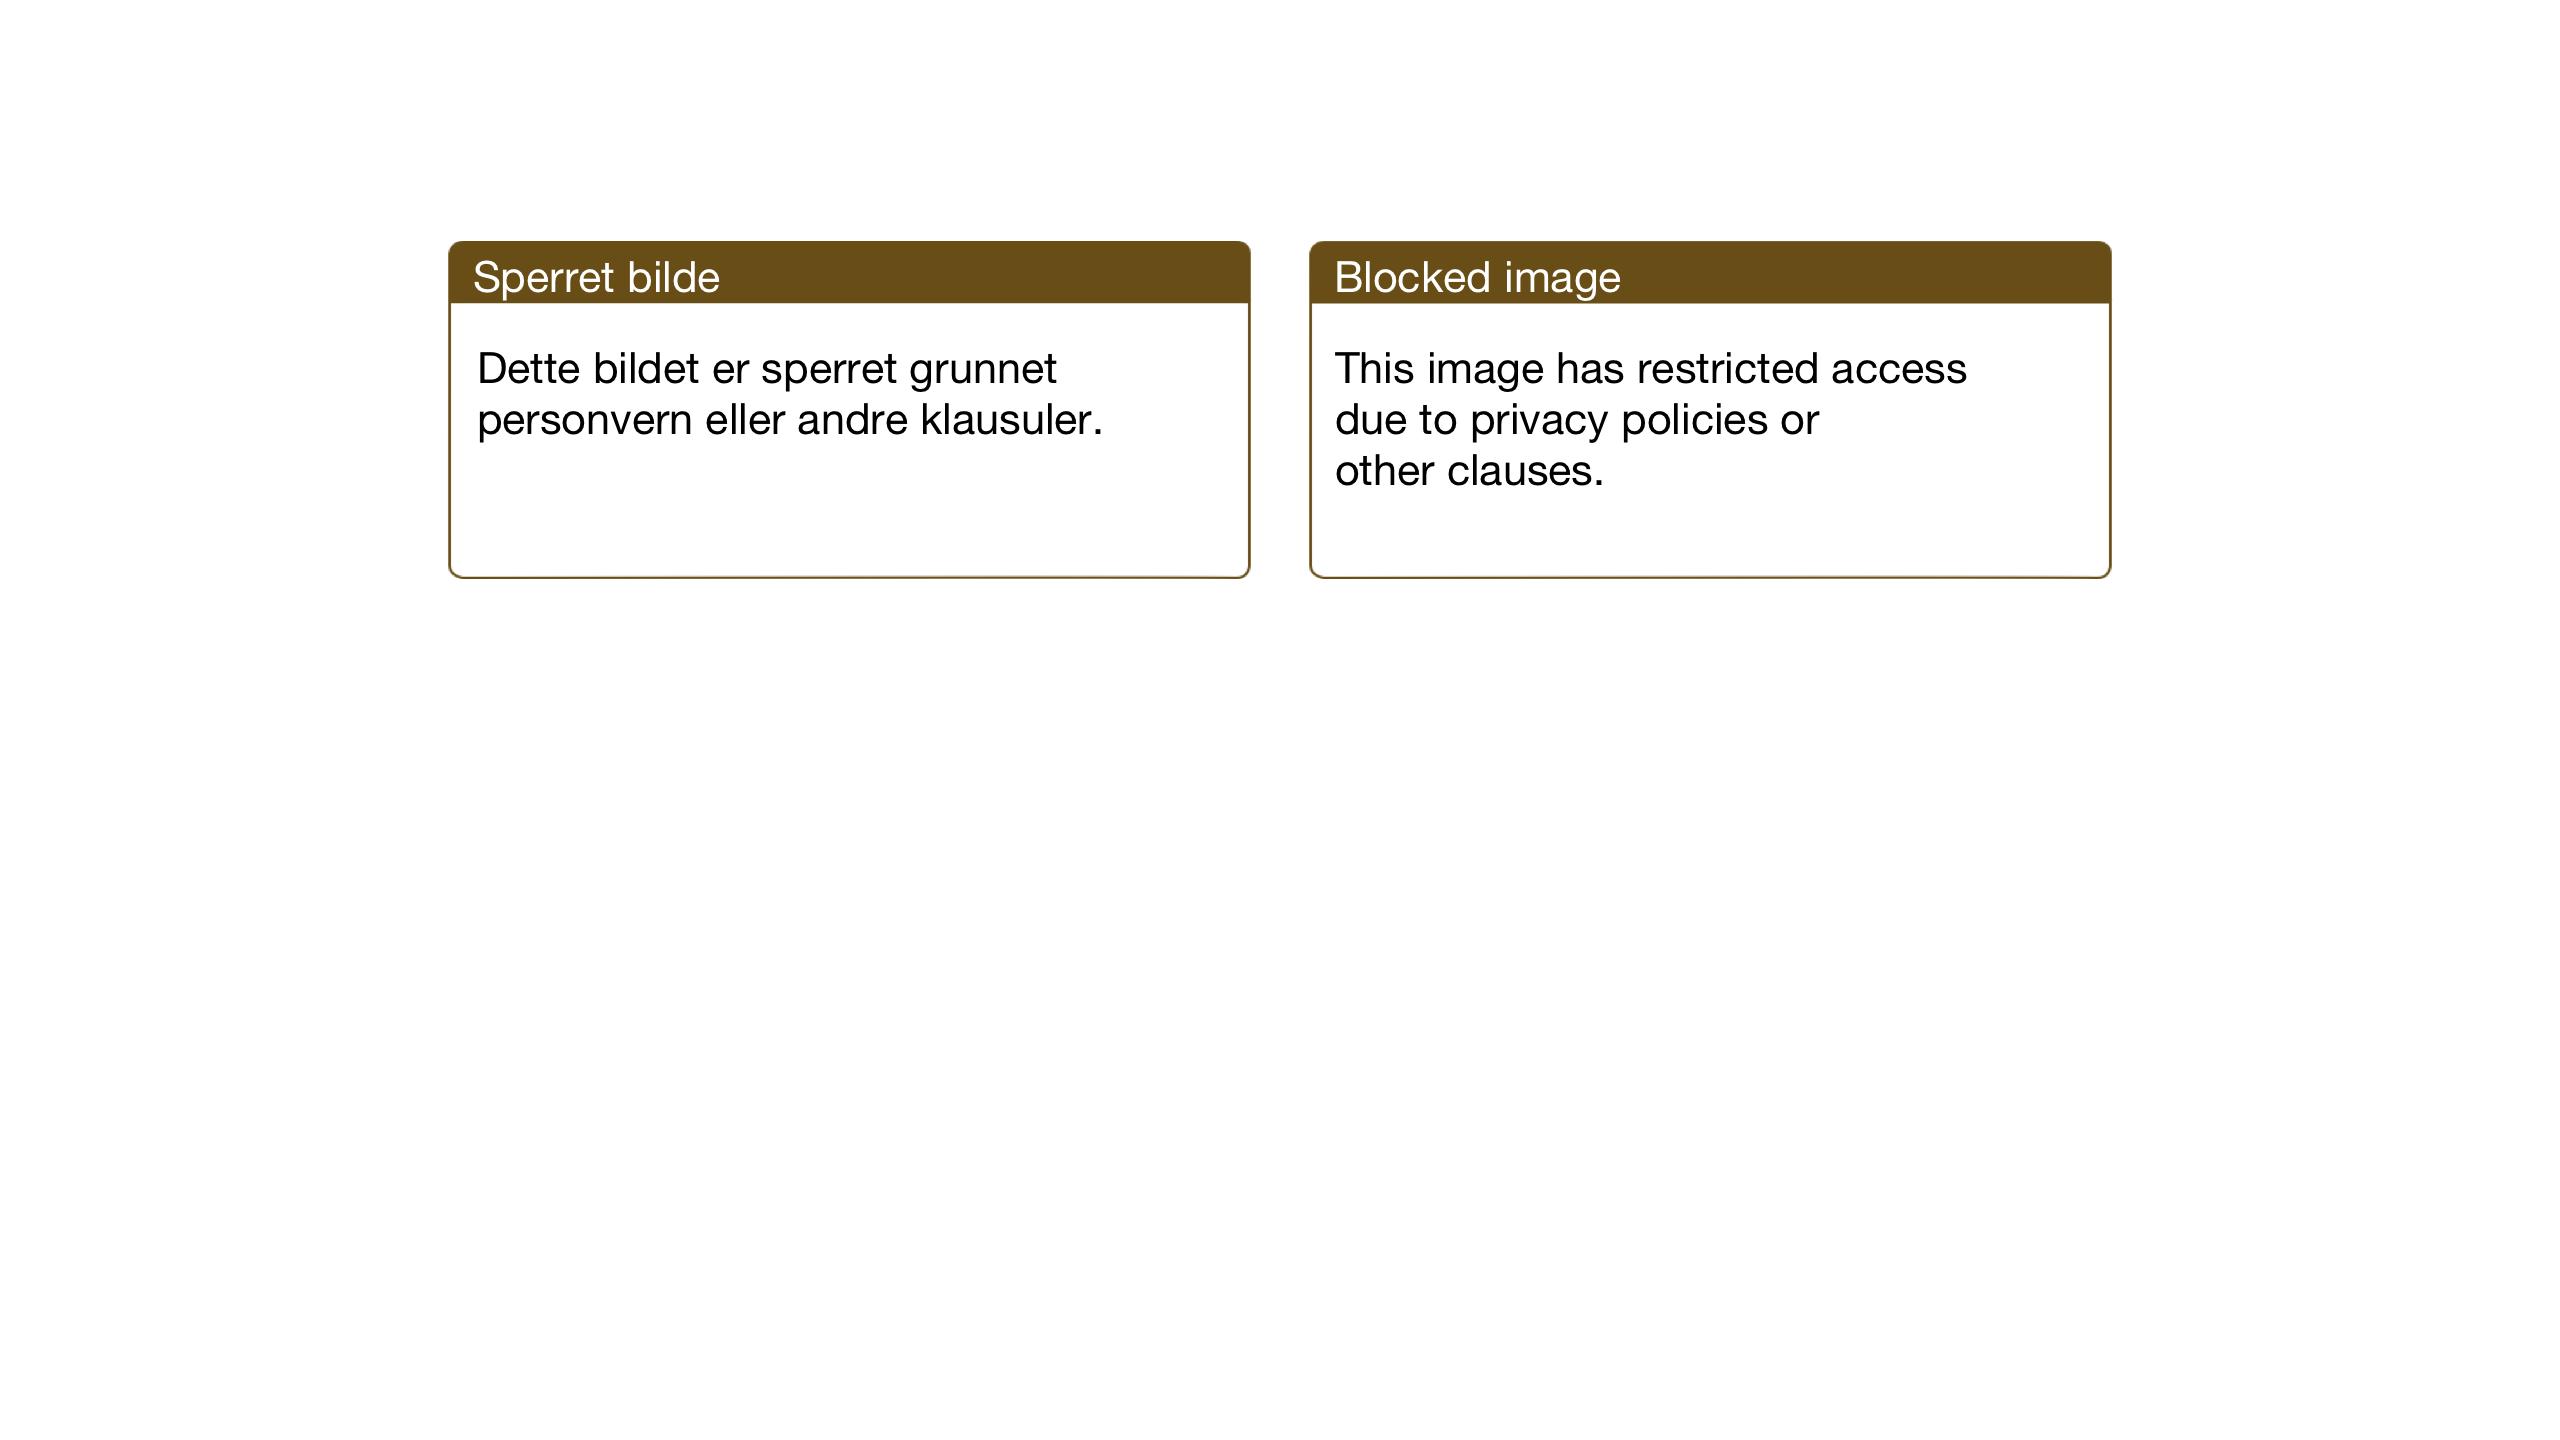 SAT, Ministerialprotokoller, klokkerbøker og fødselsregistre - Sør-Trøndelag, 616/L0424: Klokkerbok nr. 616C07, 1904-1940, s. 51